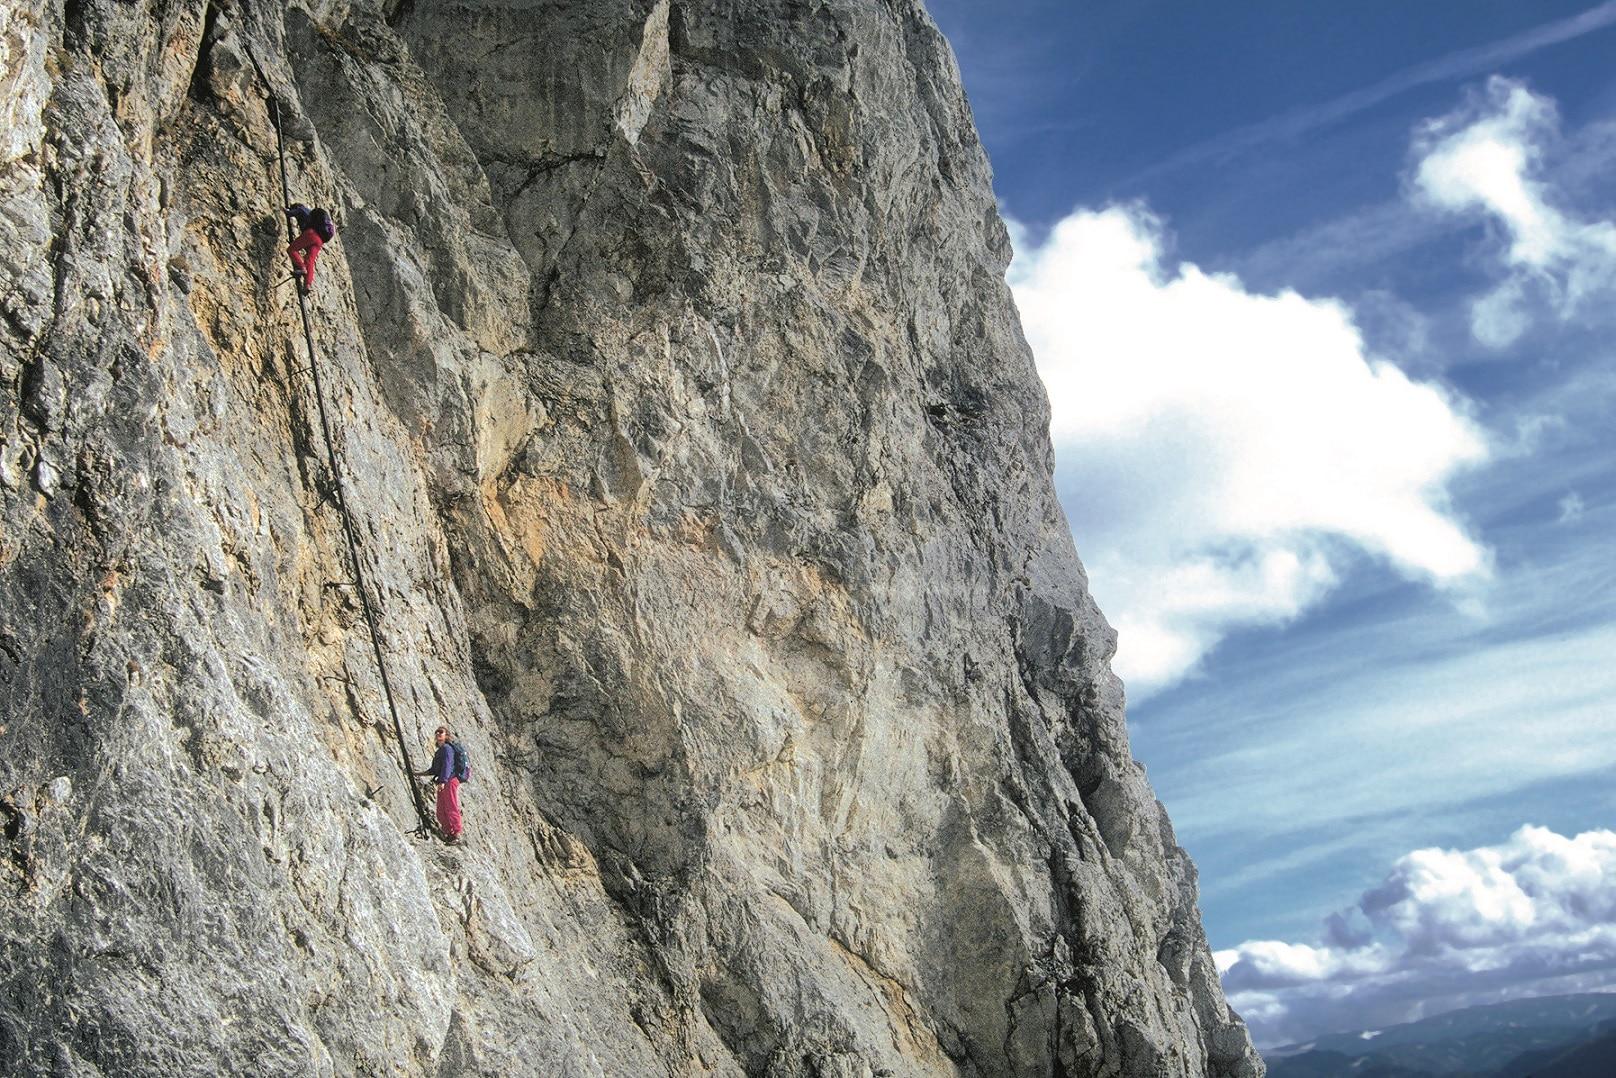 Klettersteig Rax : Klettersteige haidsteig bergwelten